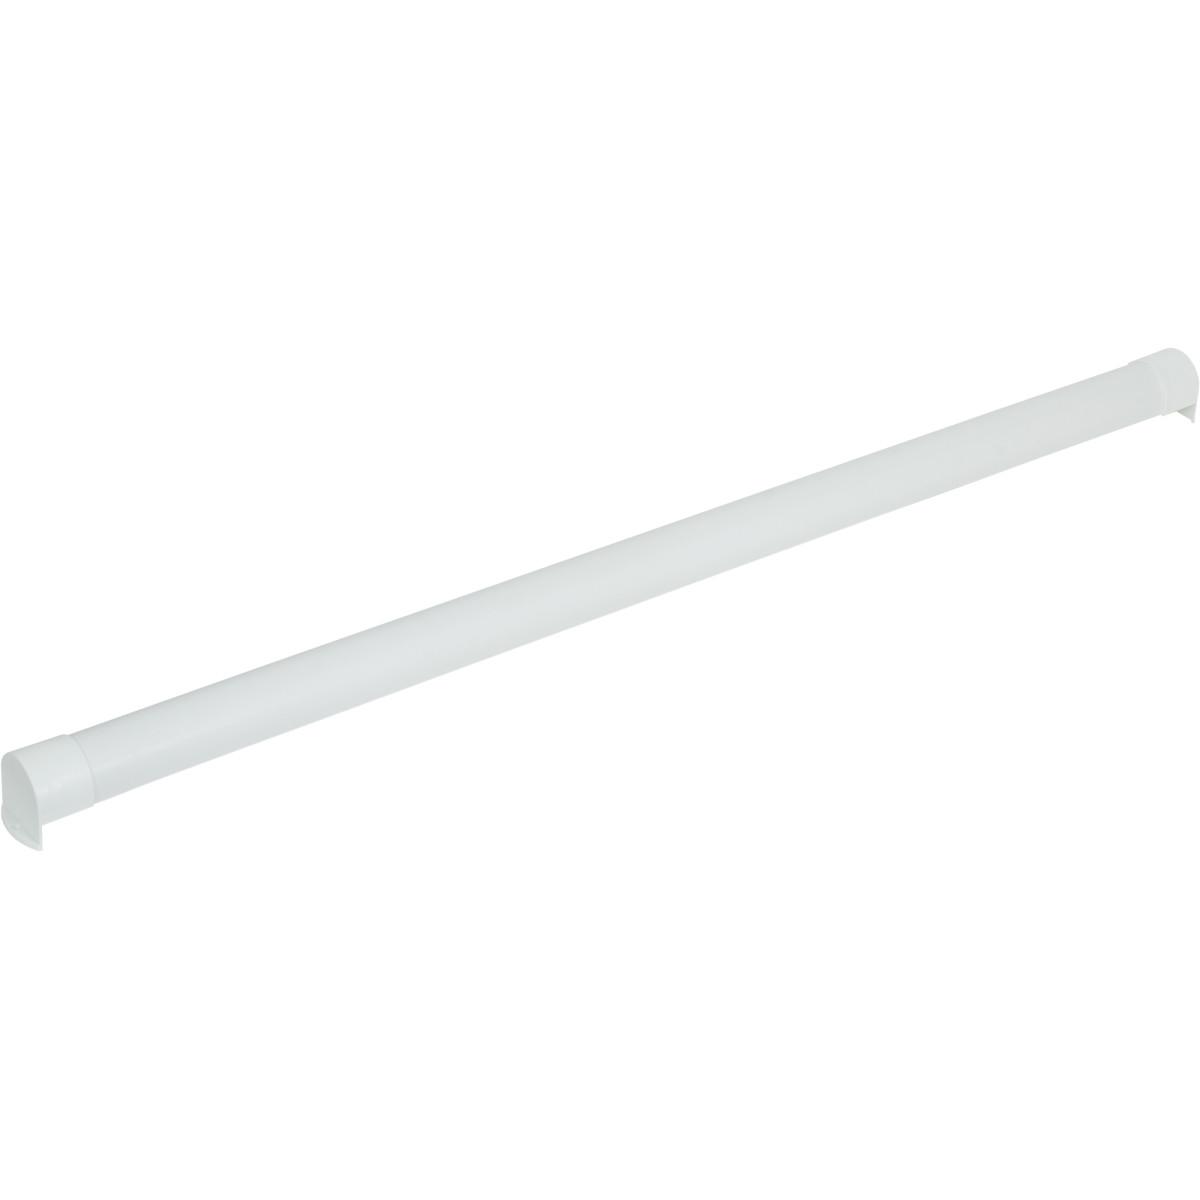 Короб для рулонной шторы ПВХ цвет белый